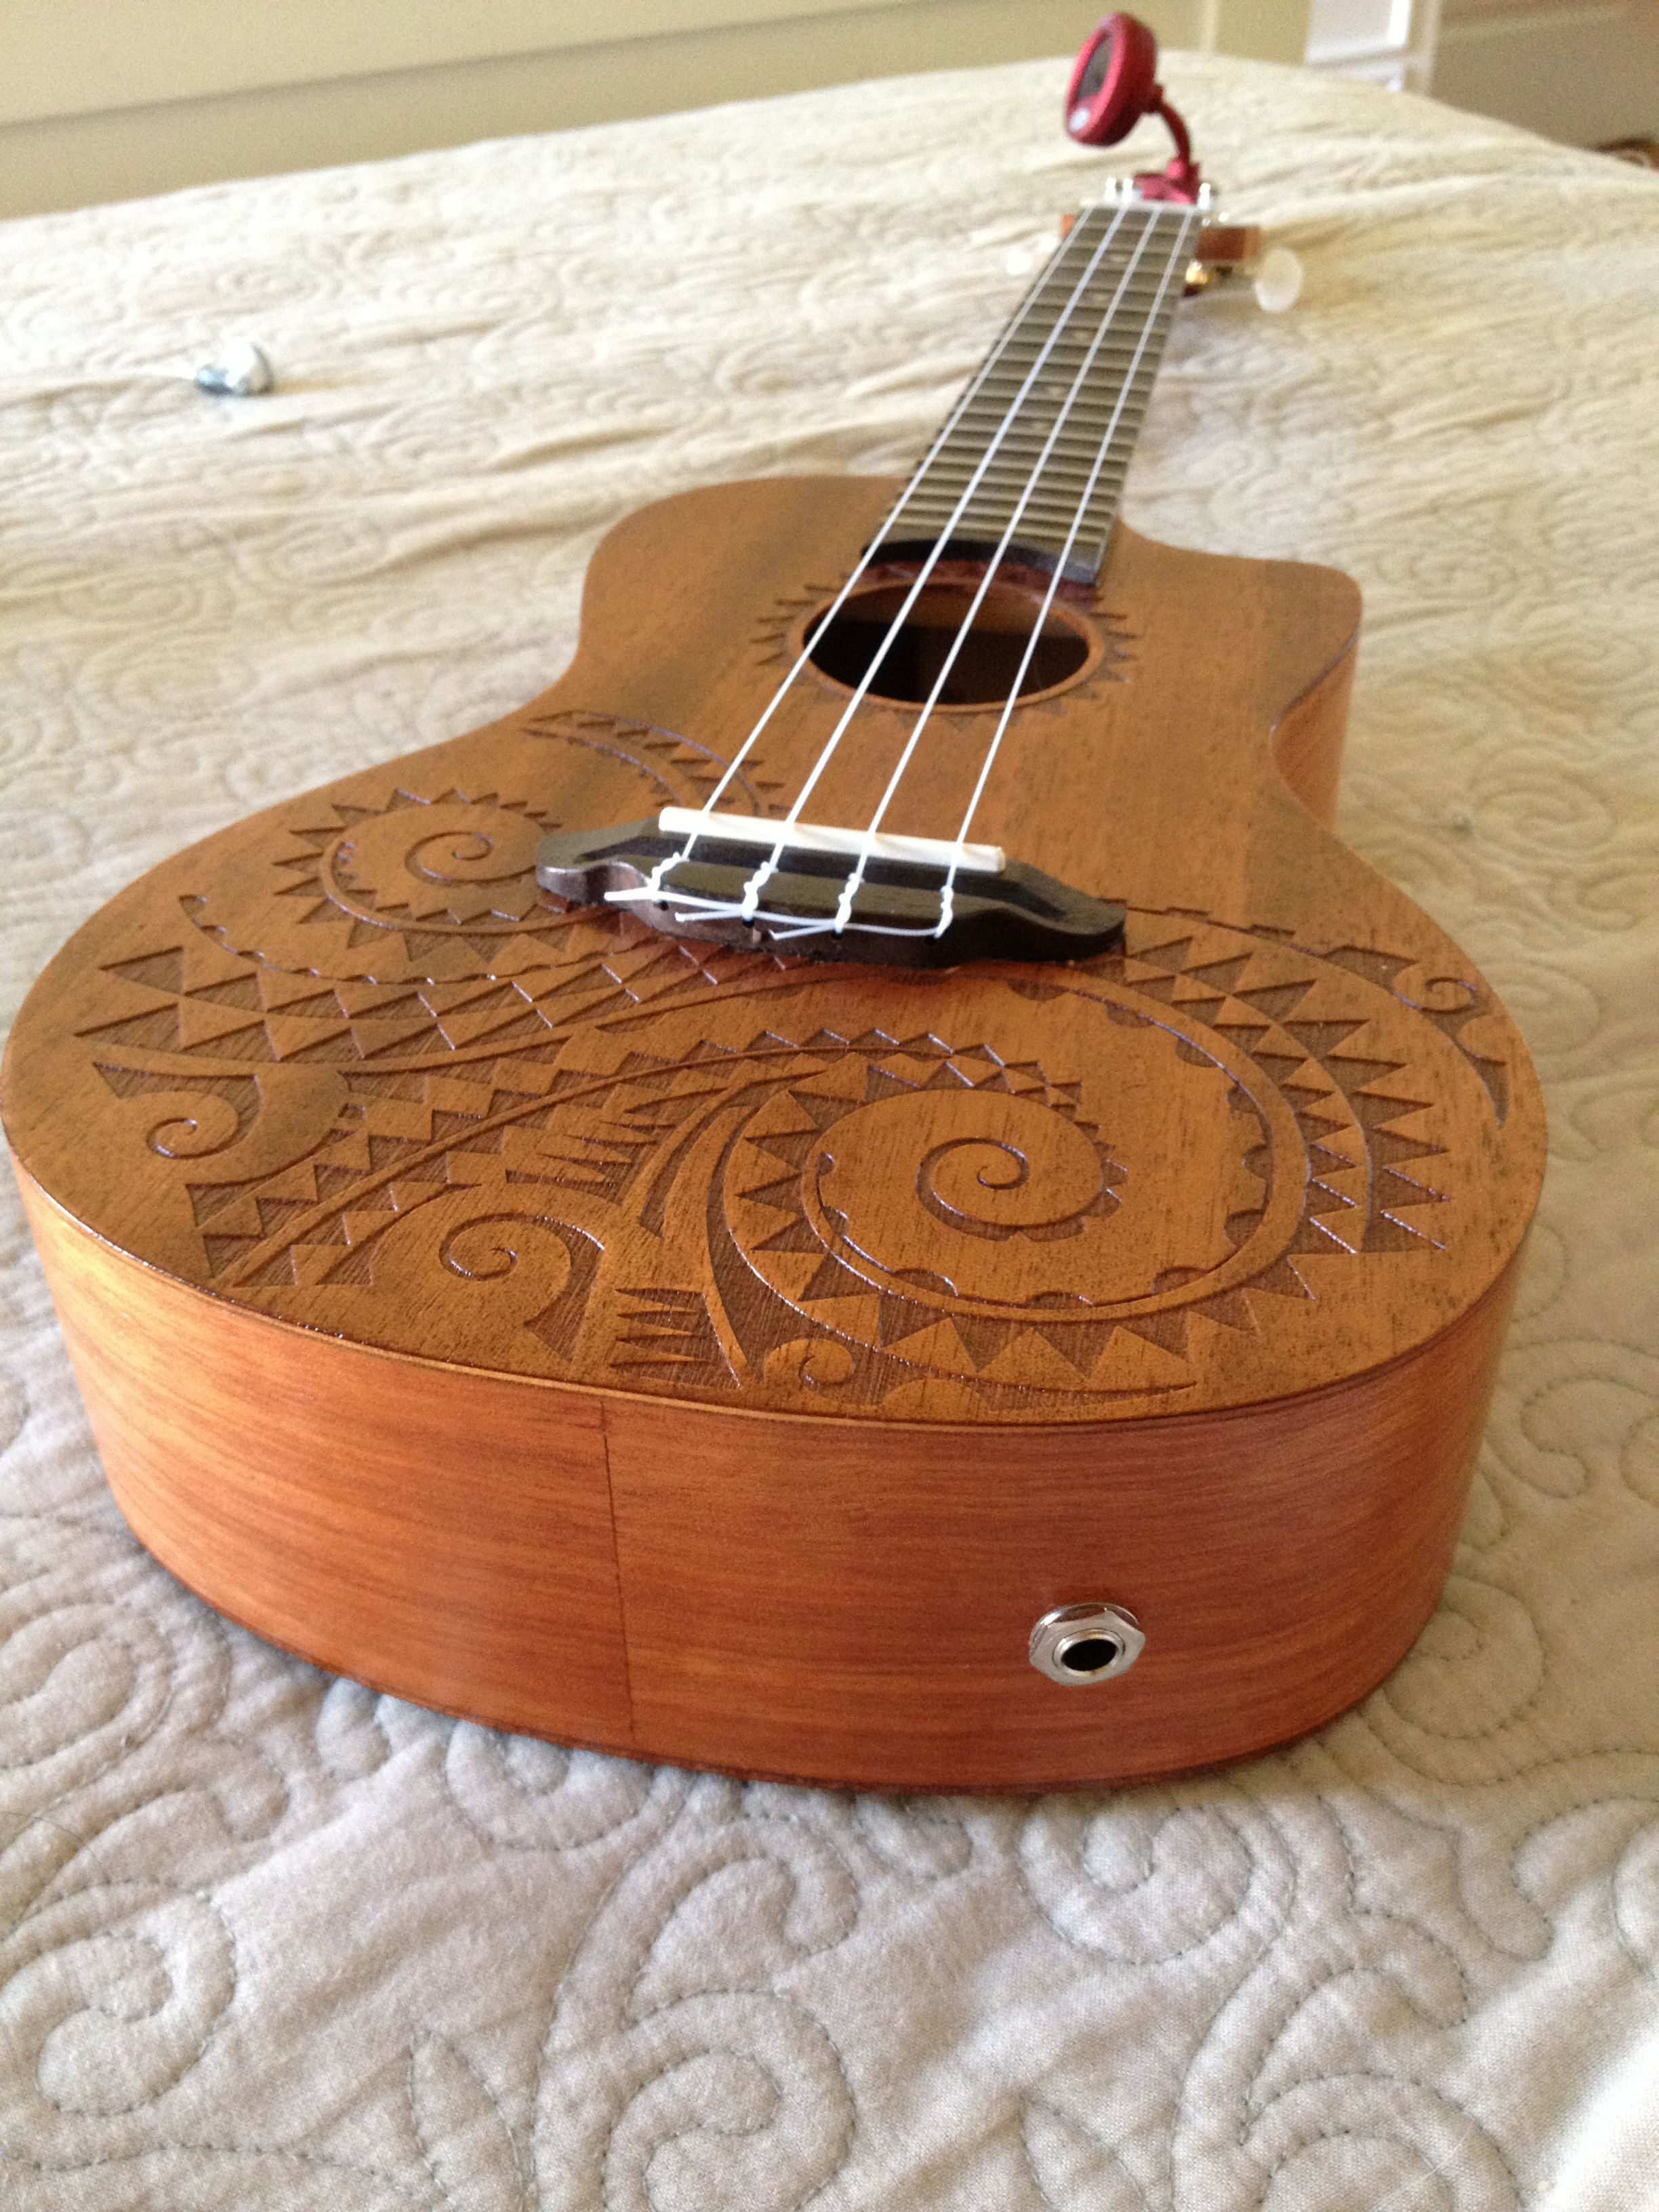 Mahogany Luna Concert Ukulele 3 This Is The One I Want From Guitar Center 99 Comes With Gig Bag Luna Ukulele Ukulele Instrument Ukulele